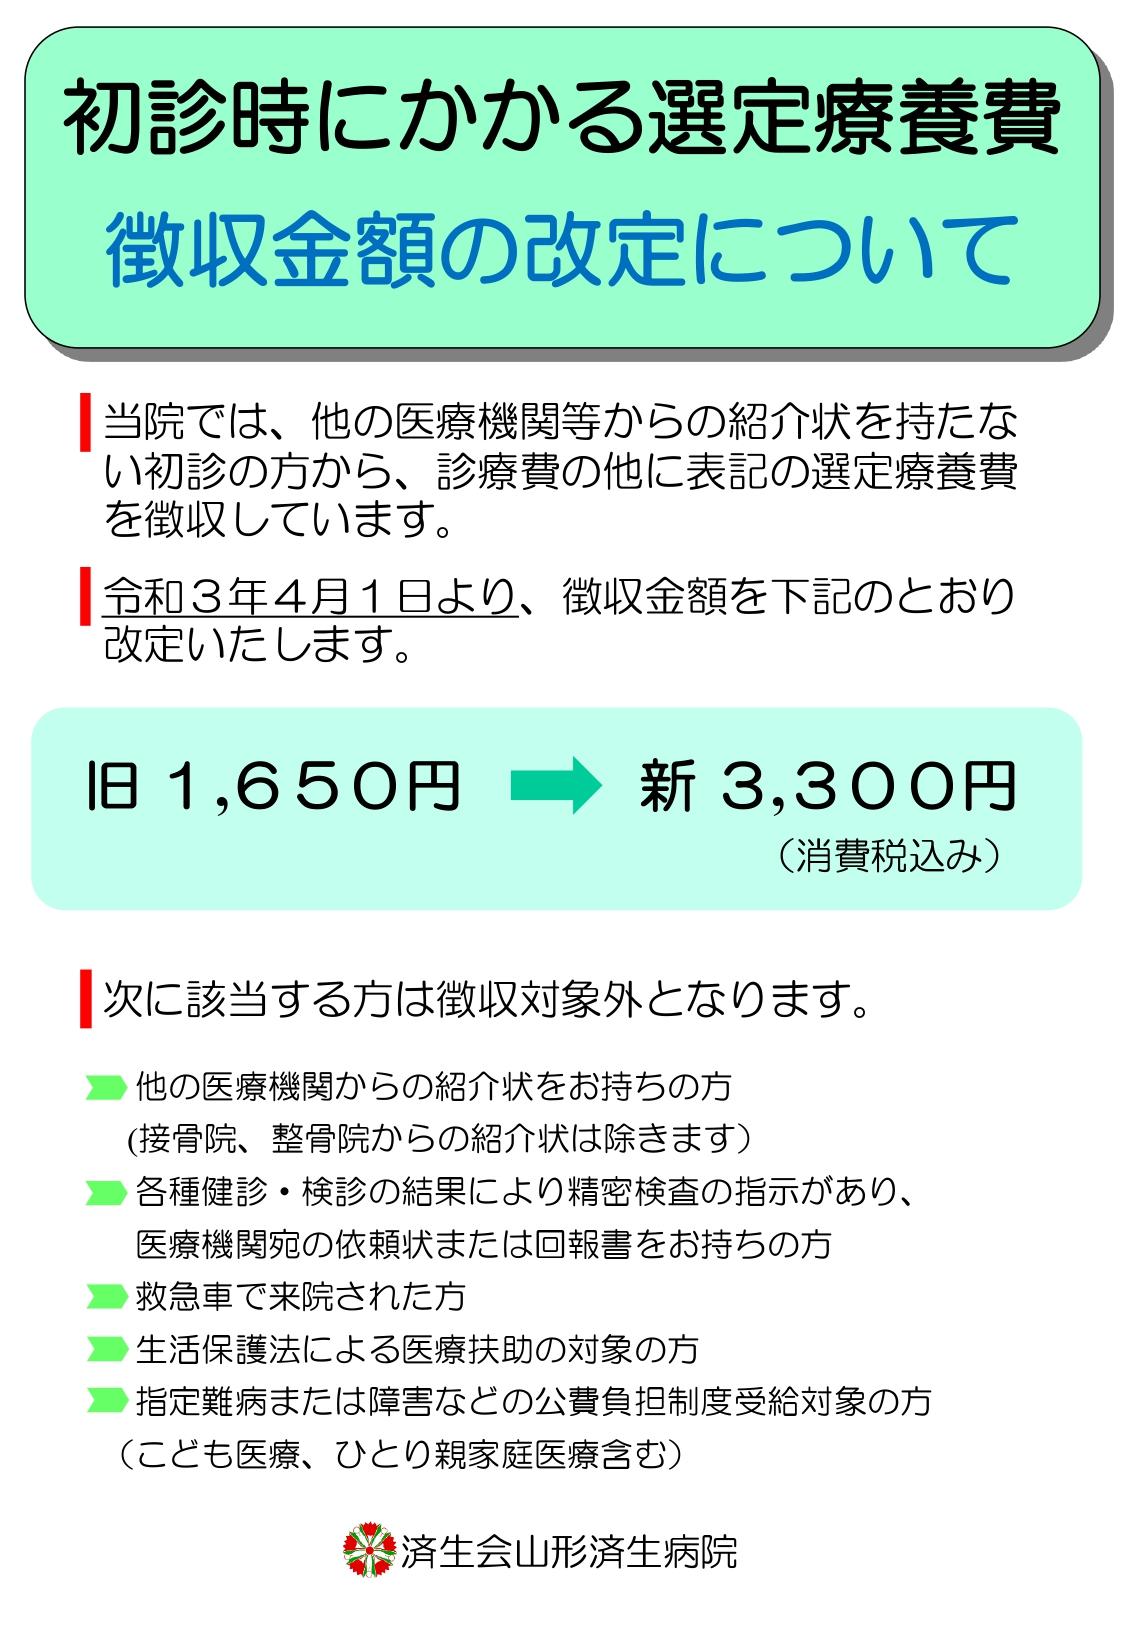 初診選定療養費改定_page-0001.jpg